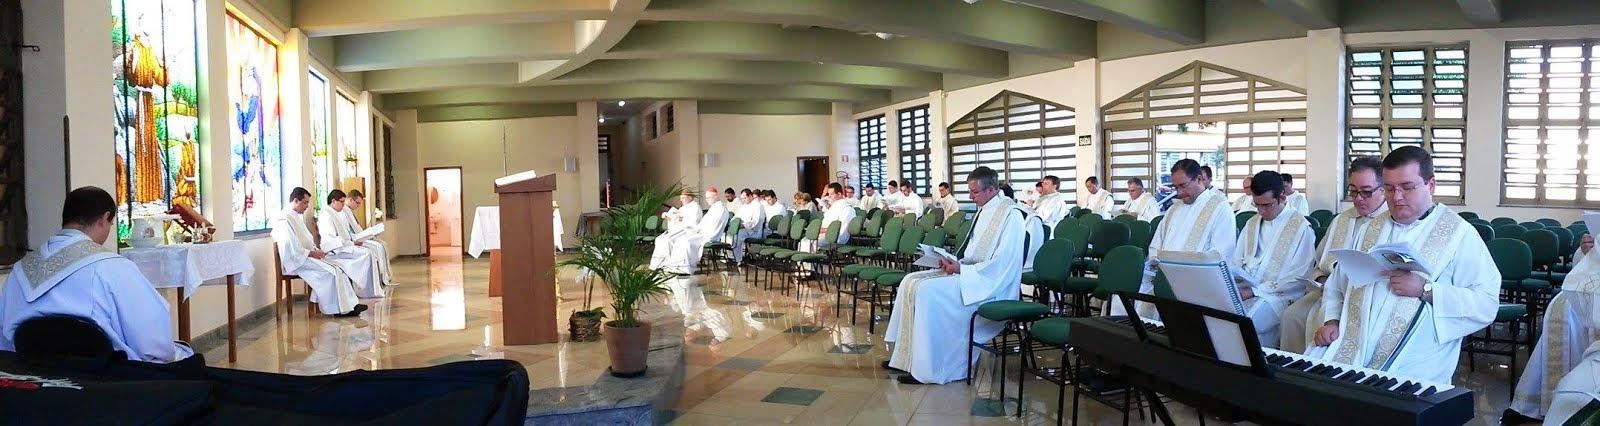 CELEBRAÇÃO COM PARTICIPAÇÃO DE TODO CLERO DA DIOCESE DE AMPARO